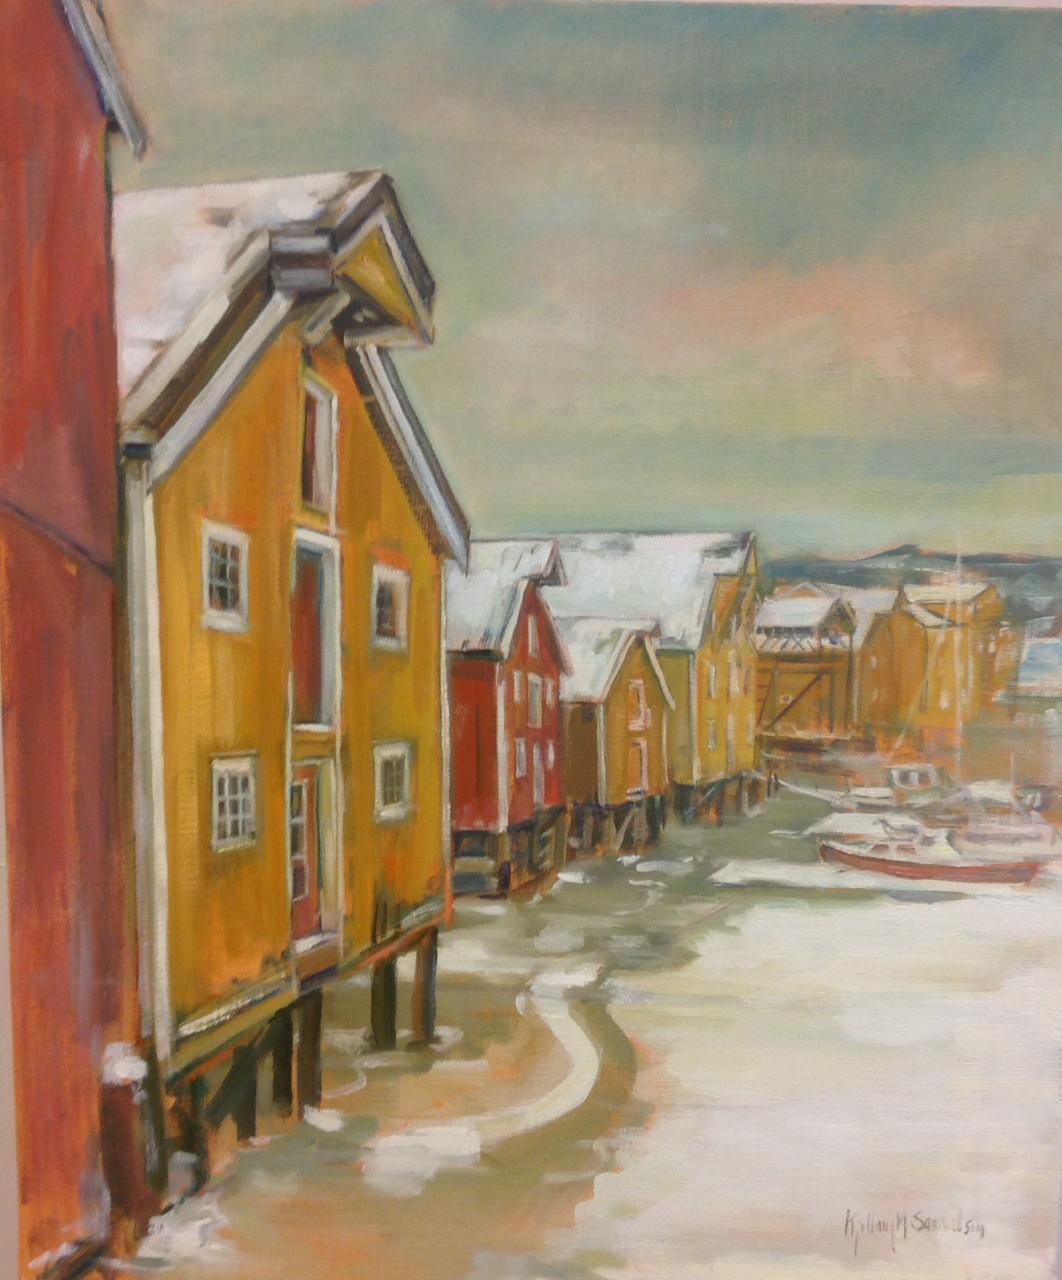 Kjellaug Marie Samuelsen